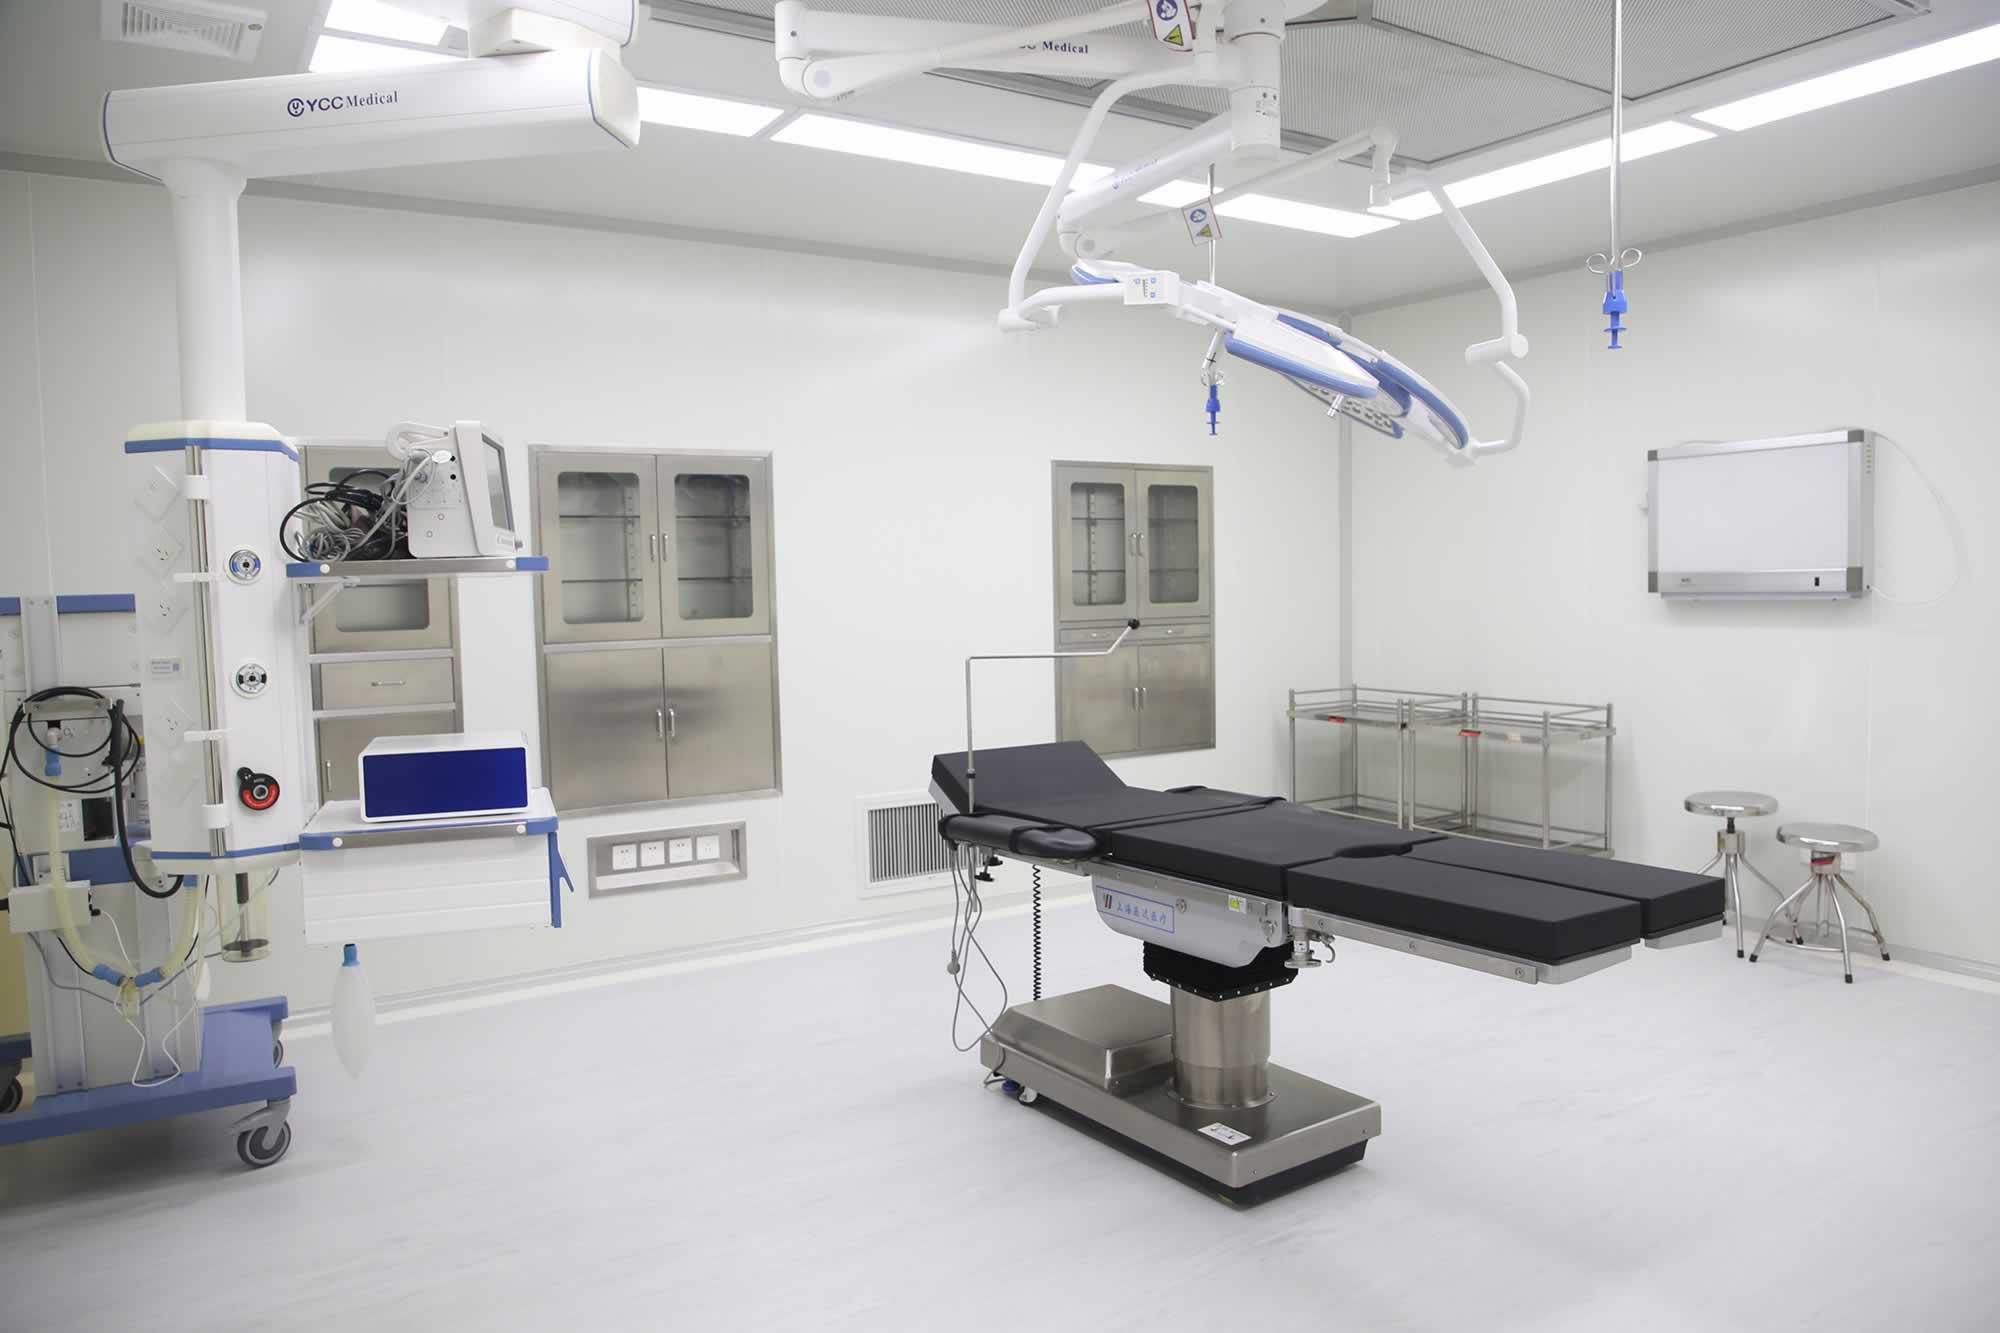 杭州薇琳医疗美容医院口碑如何?手术安全吗?